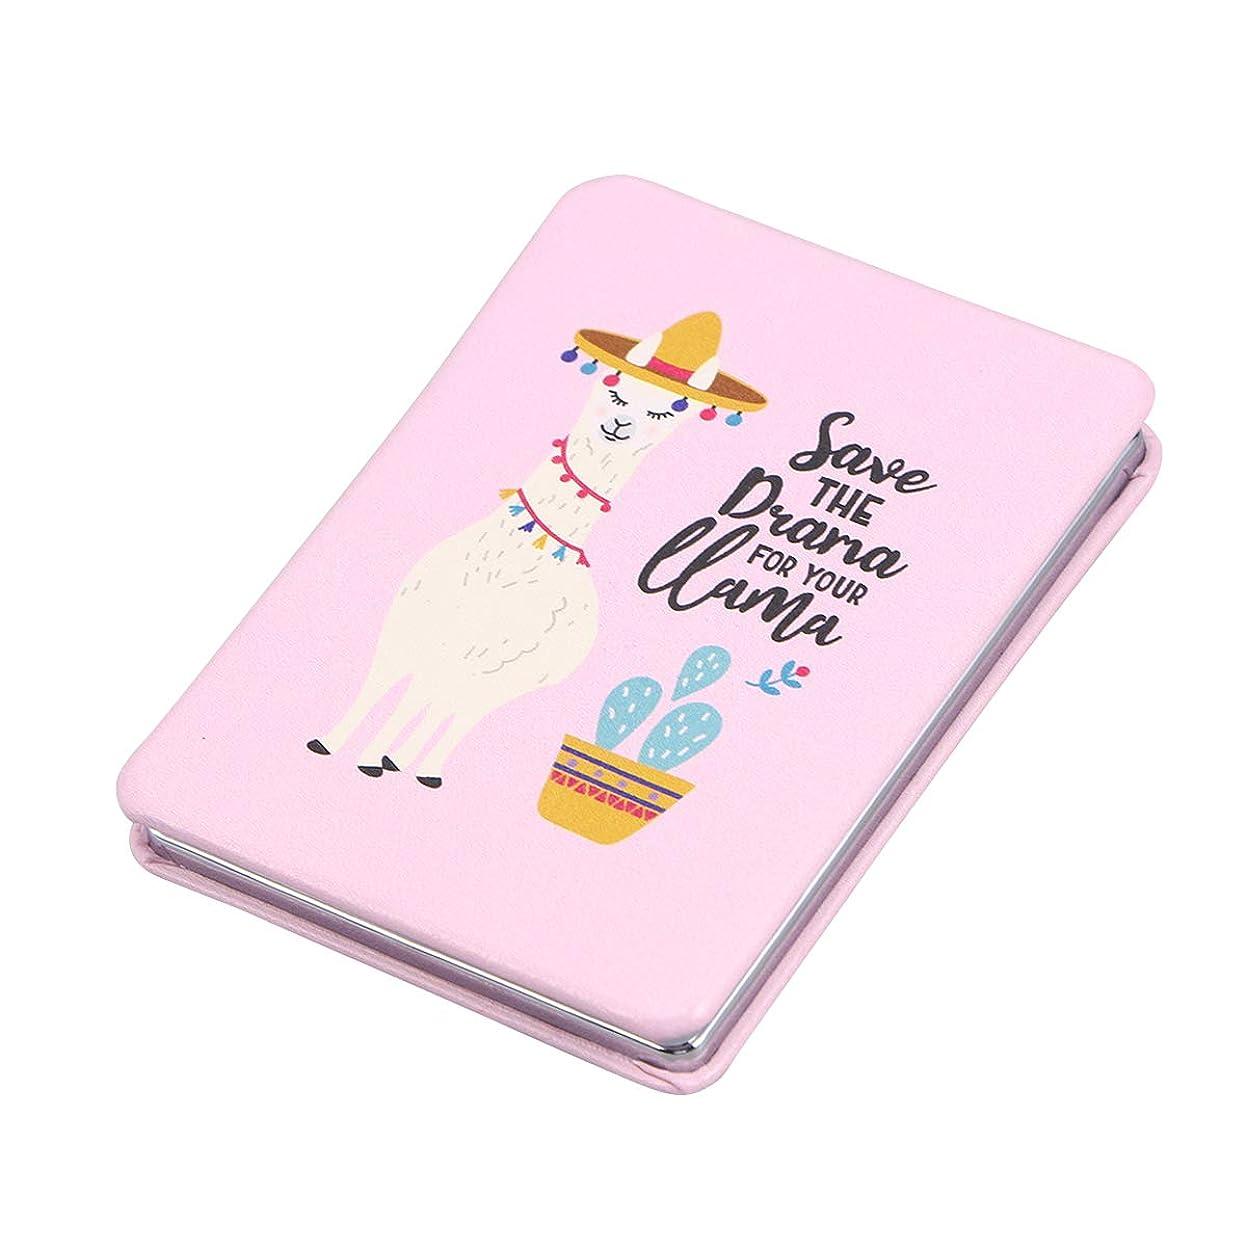 入射事肥沃なFrcolor 化粧鏡 携帯ミラー 両面 ポケットミラー 折りたたみ 長方形 化粧ミラー コンパクトミラー 持ち運びに便利 おしゃれ(ピンク)ミラー女性のための女性(アルパカパターン3)